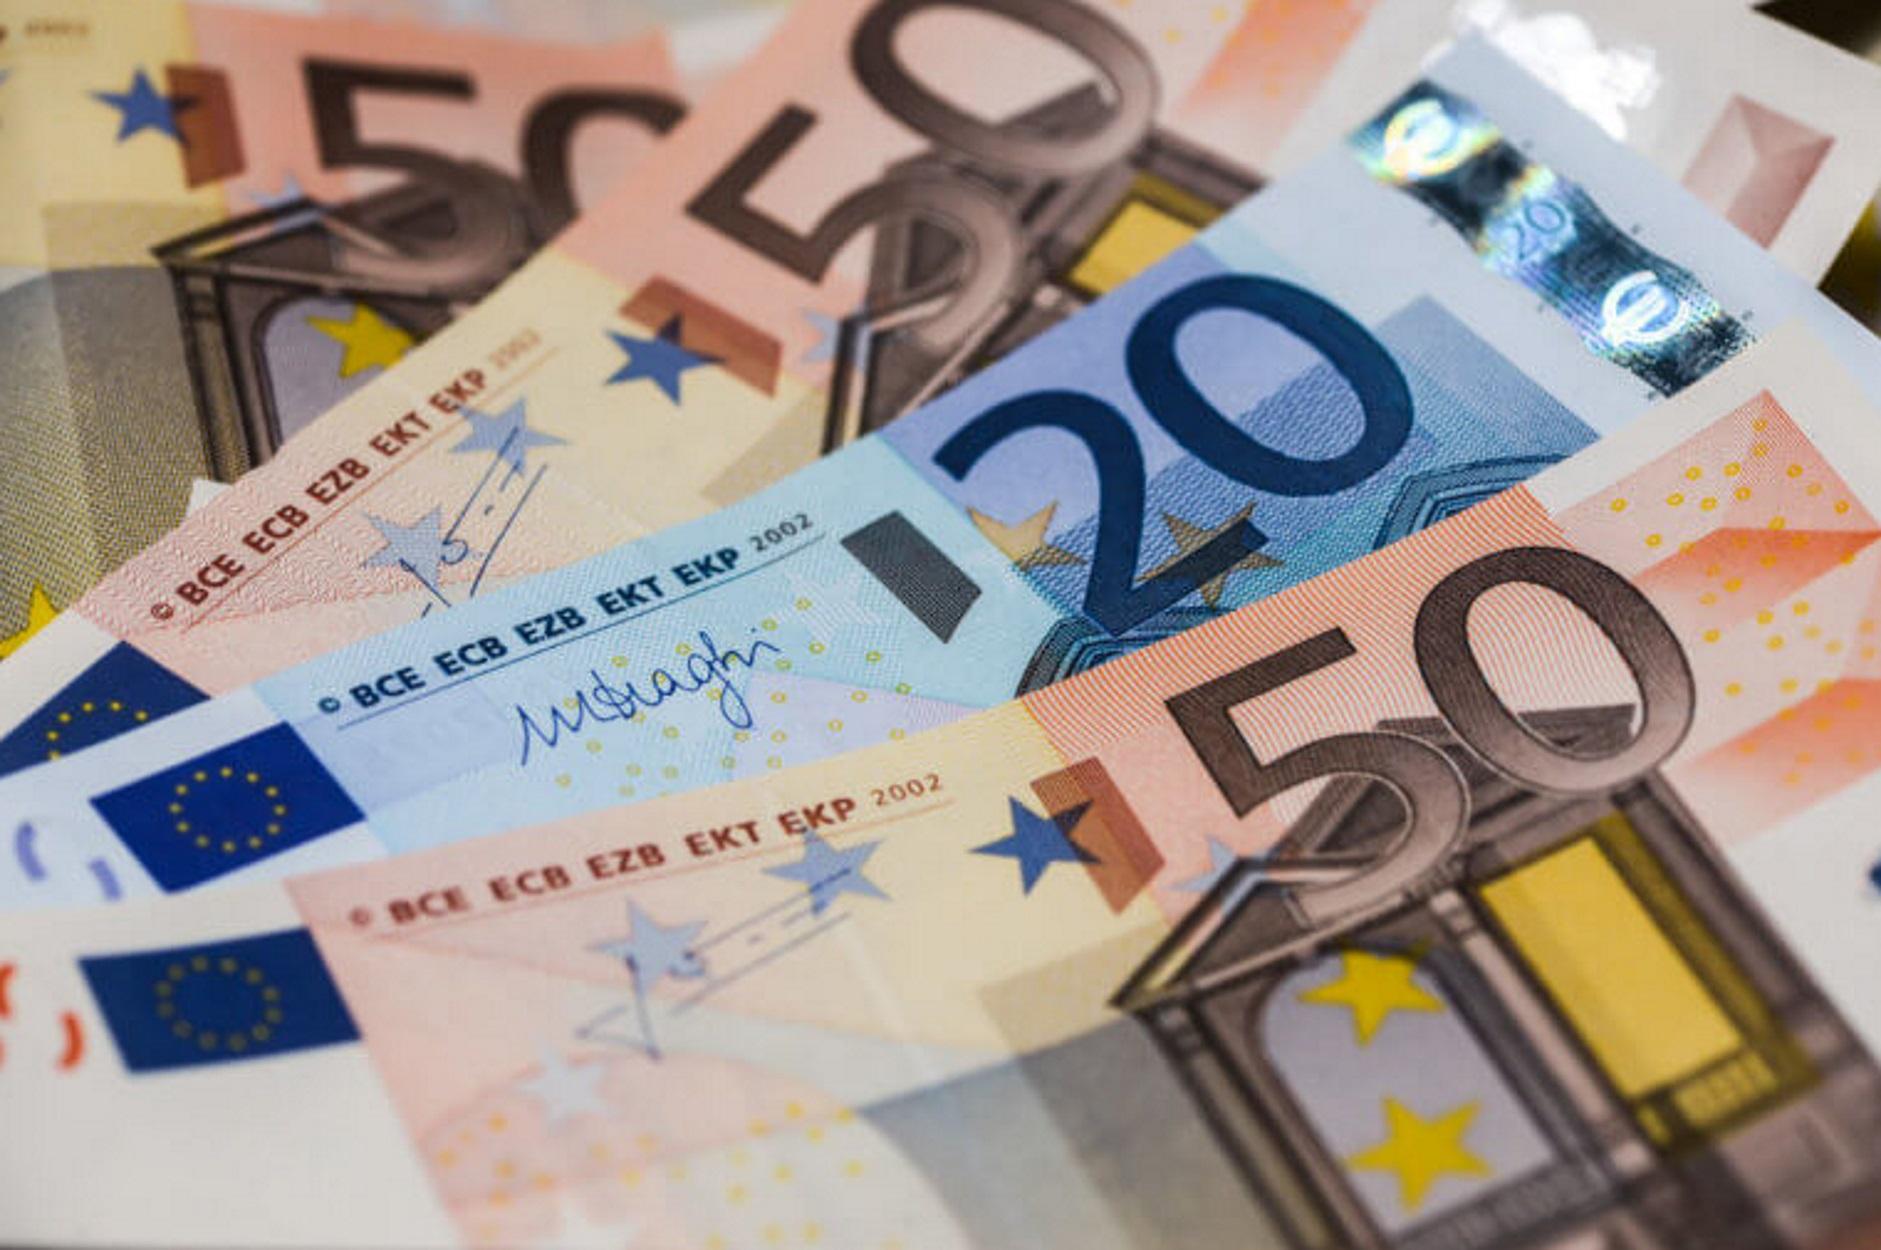 Επίδομα 400 ευρώ: Ποιοι μακροχρόνια άνεργοι θα το λάβουν -Τα δύο βήματα της αίτησης